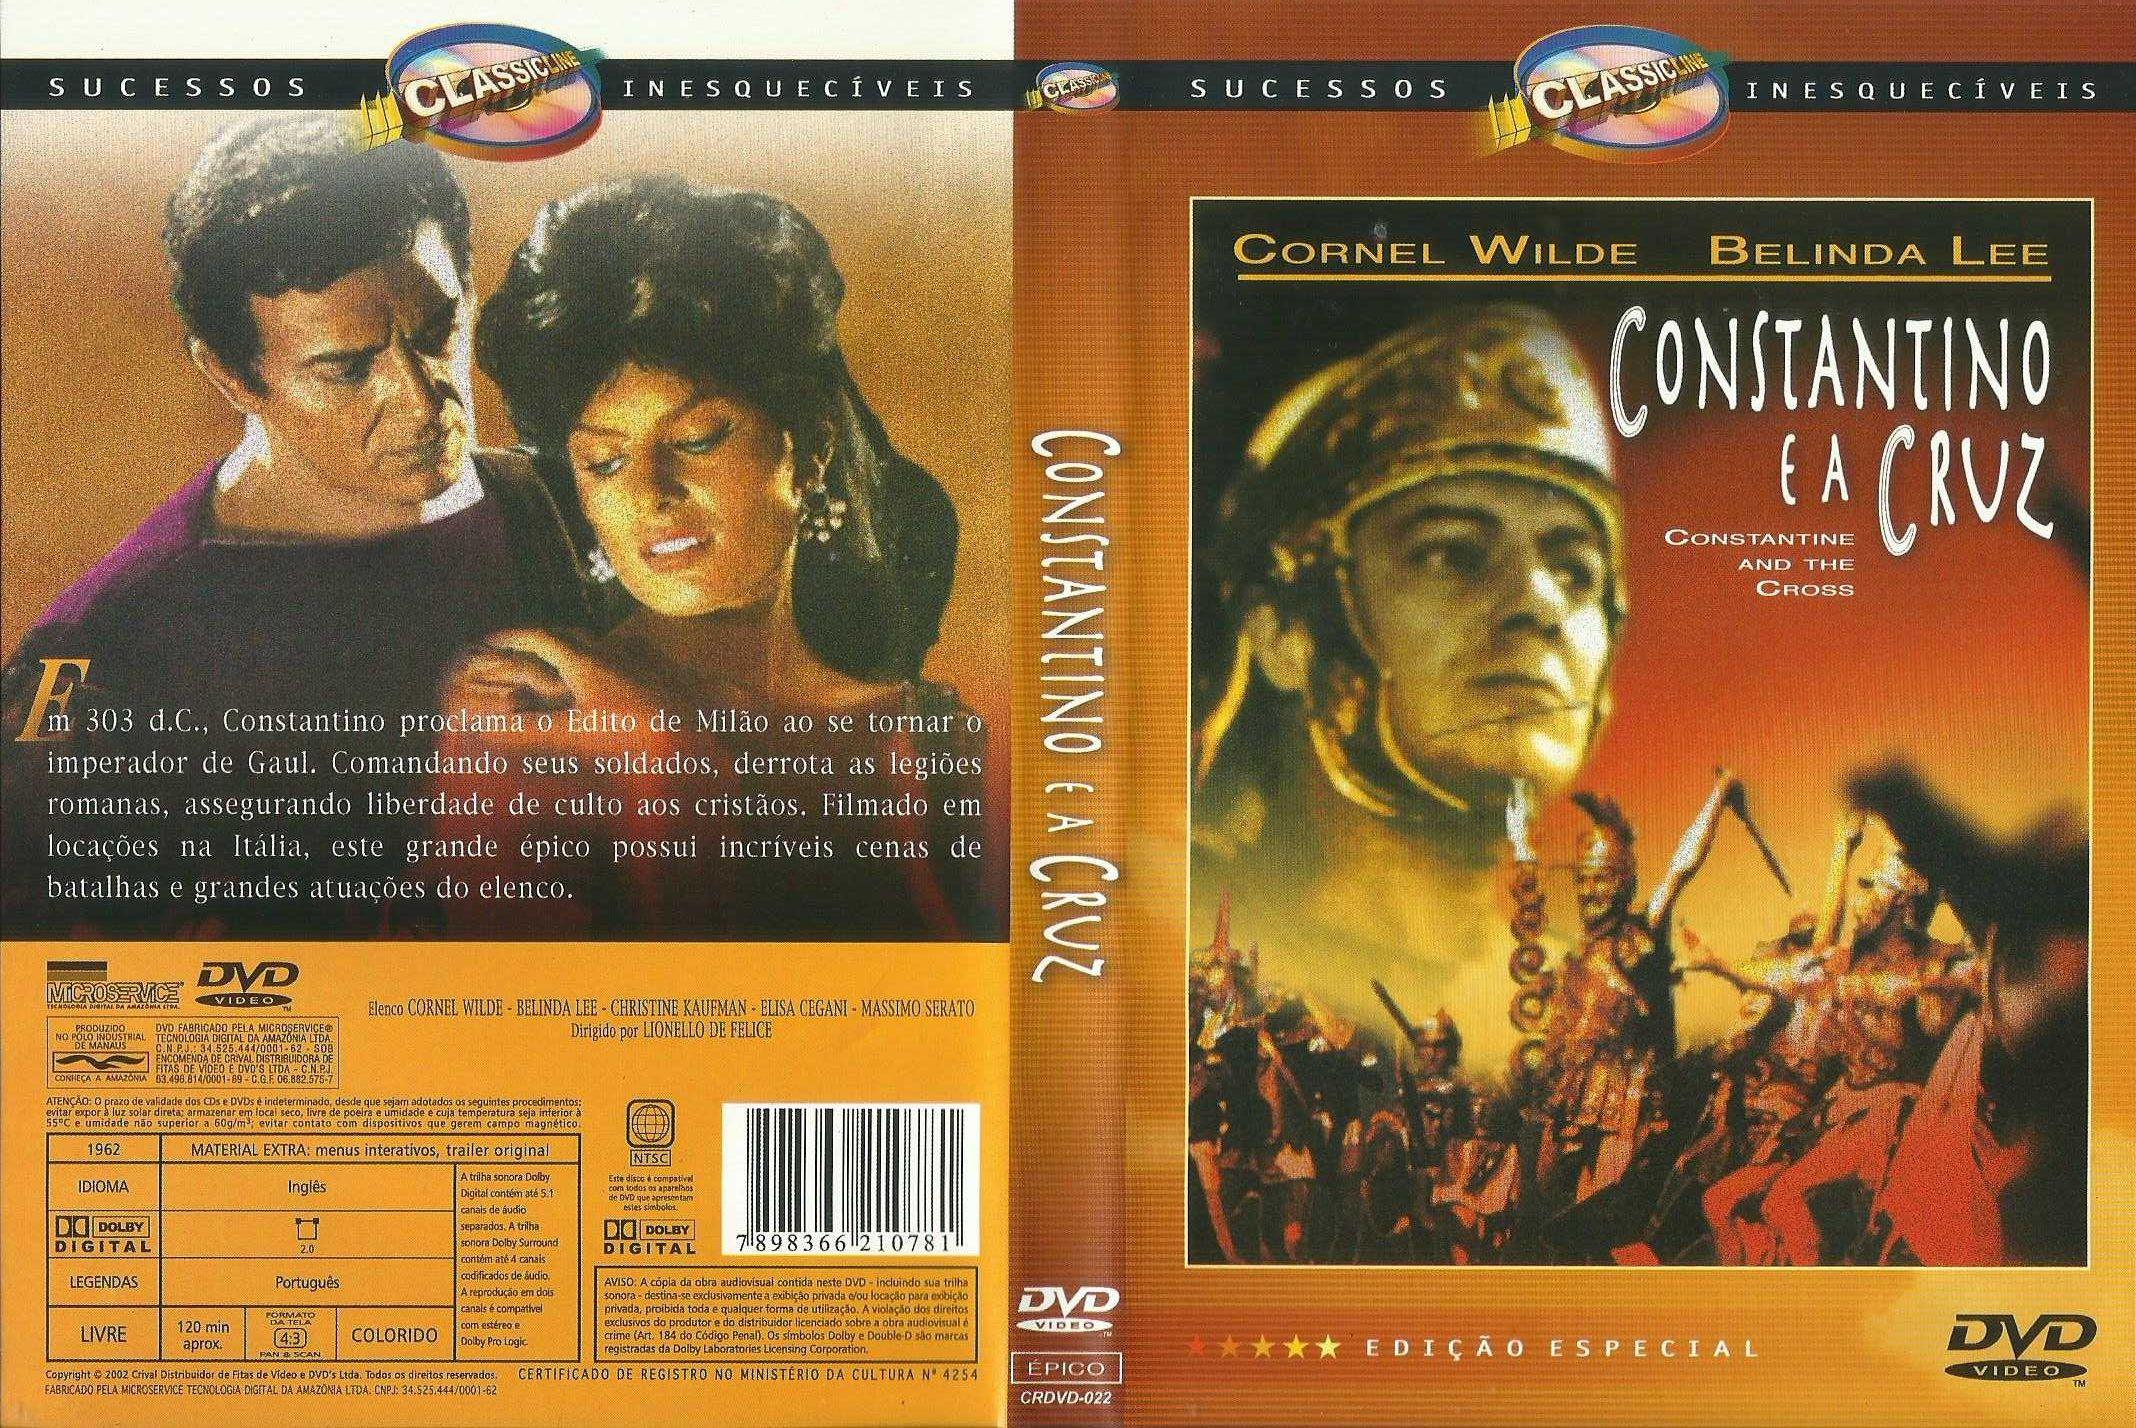 Constantino e a Cruz   (raro)